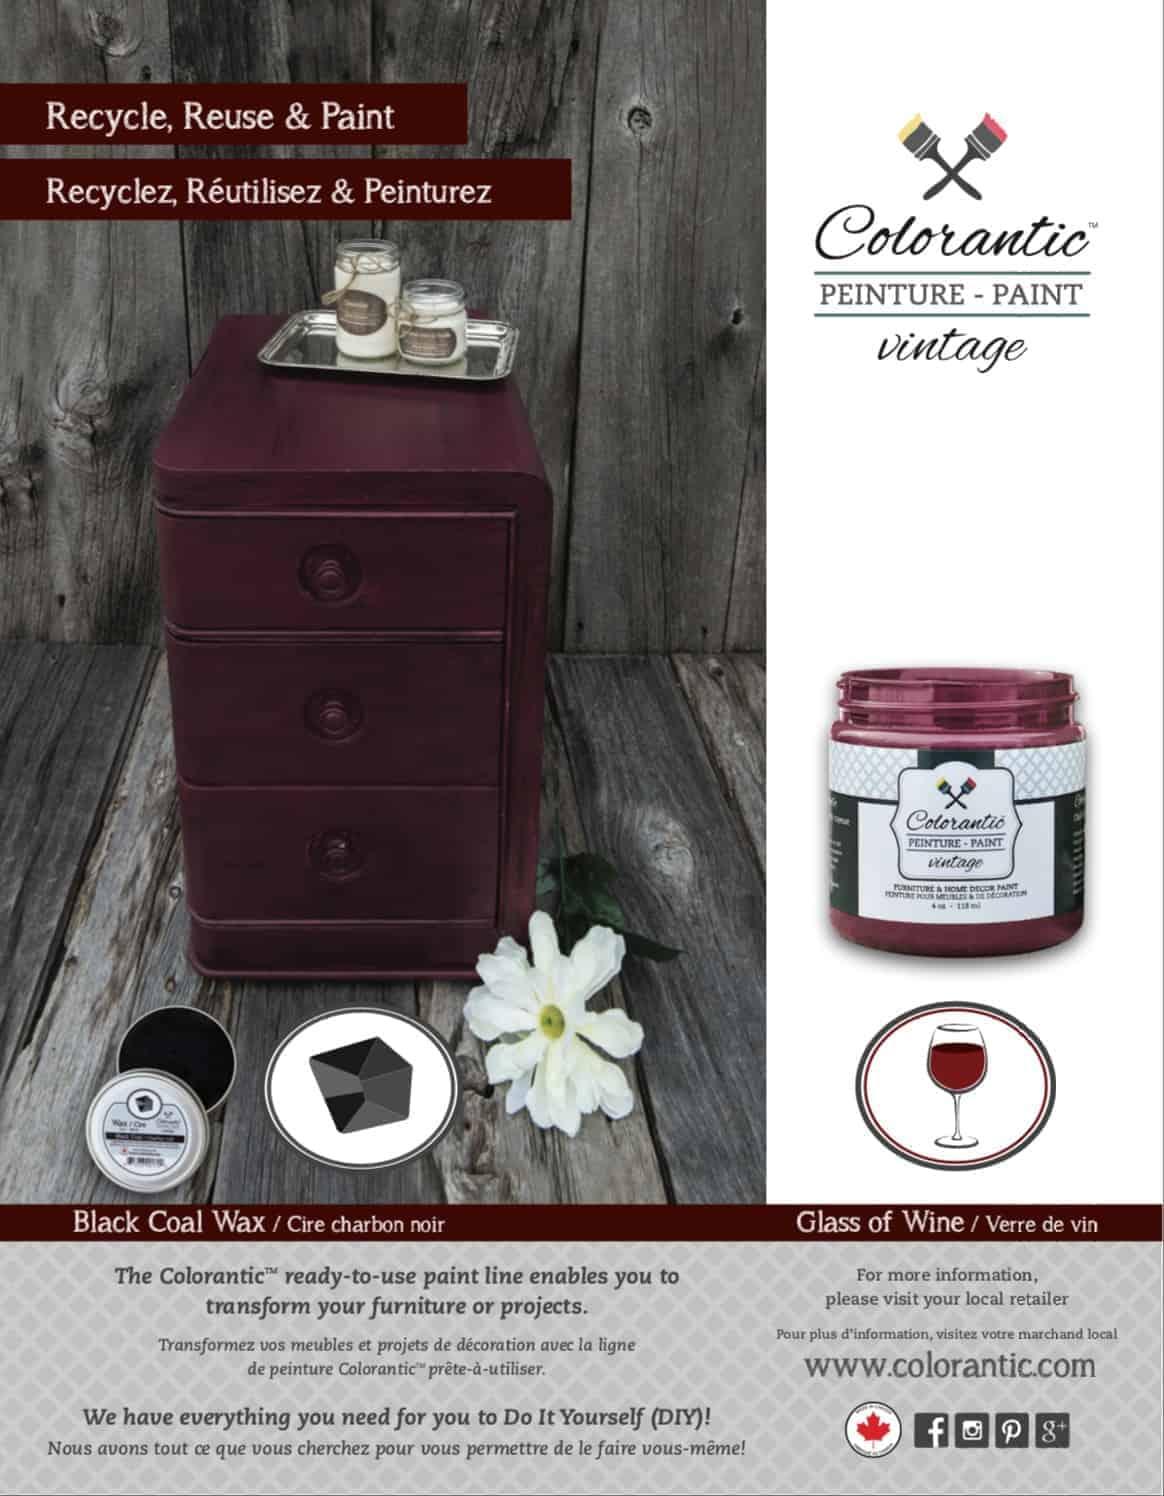 PUB Peinture à la craie verre de vin - Chalk-Based Paint glass of wine | Peinture à la craie Colorantic | Chalk-Based Paint Colorantic